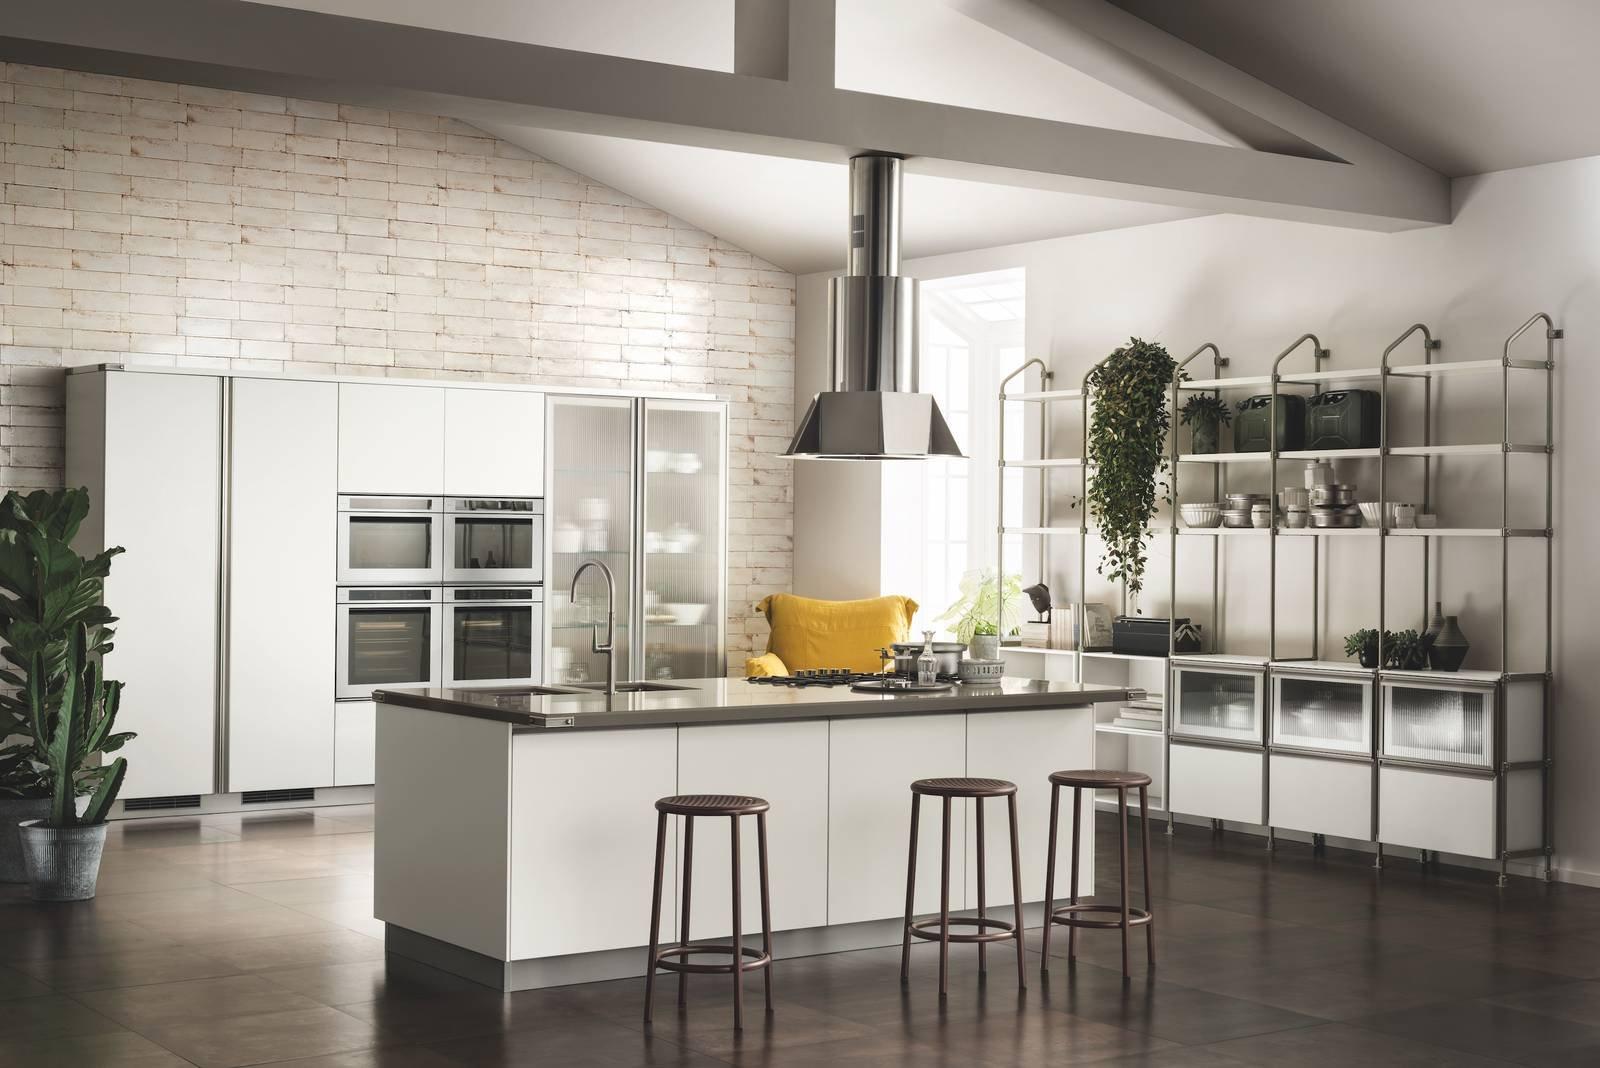 La cucina con isola effetto vedo non vedo casafacile